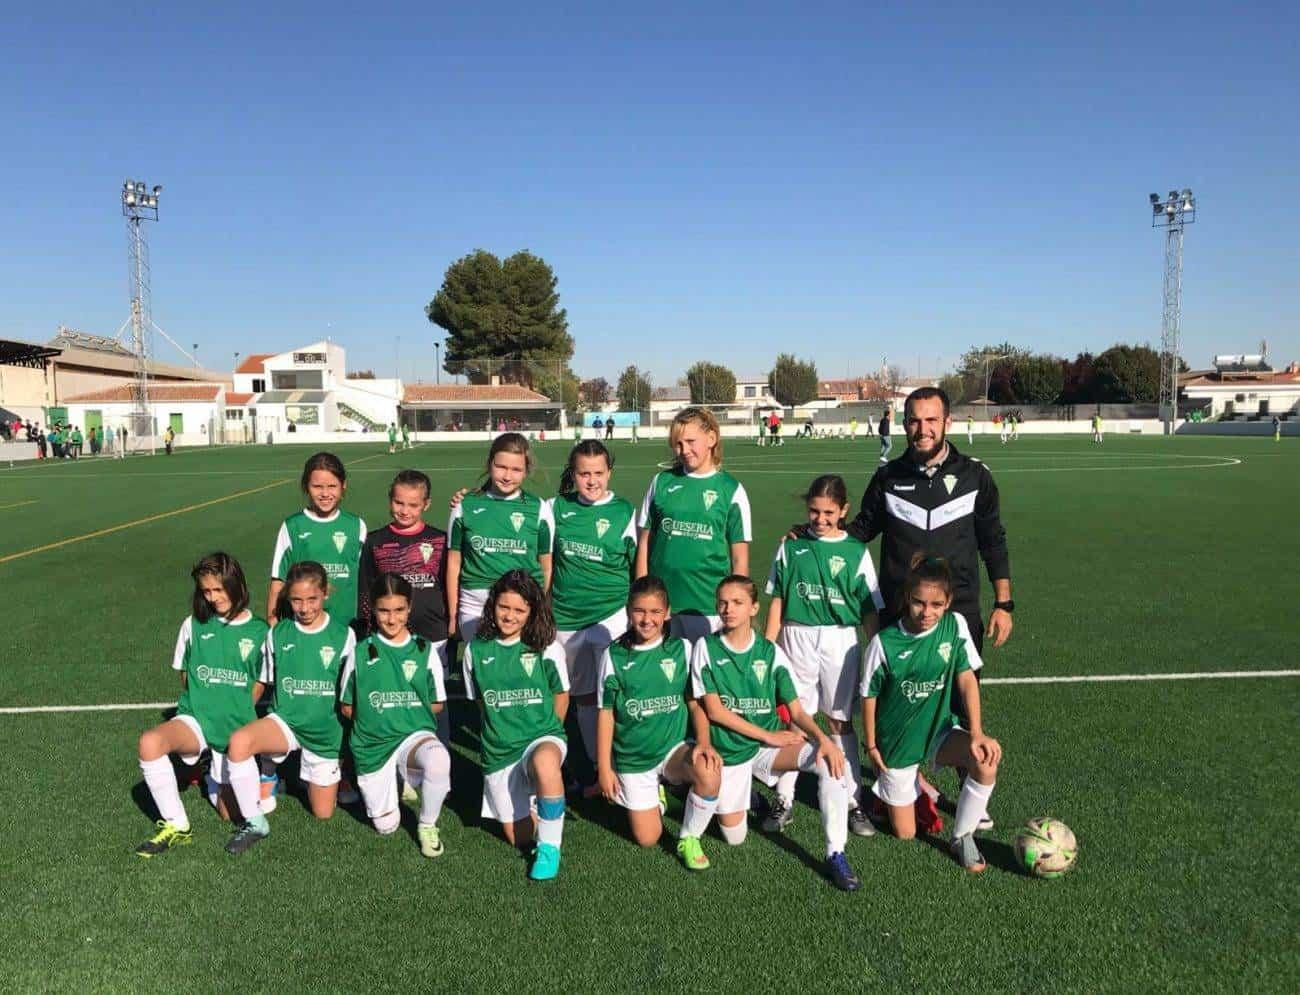 """escuelas deportivas herencia futbol femenino - Las escuelas deportivas de Herencia participarán en """"Interescuelas"""""""